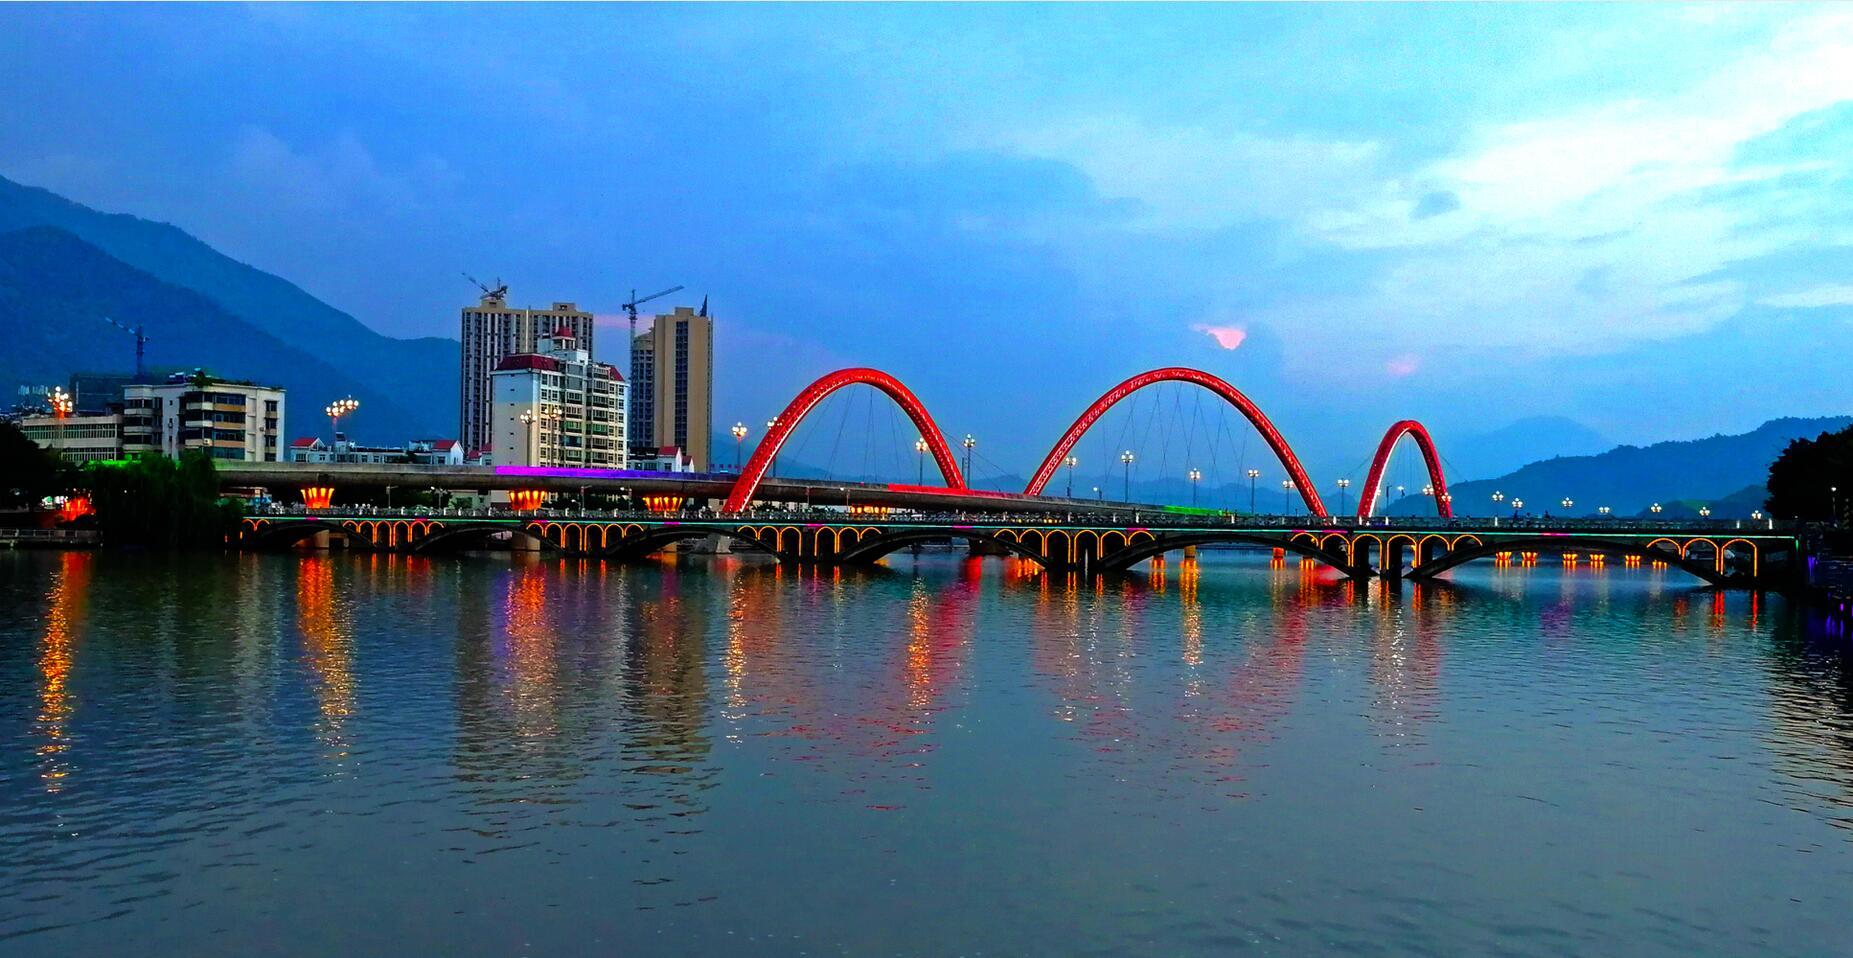 傍晚的安宁河